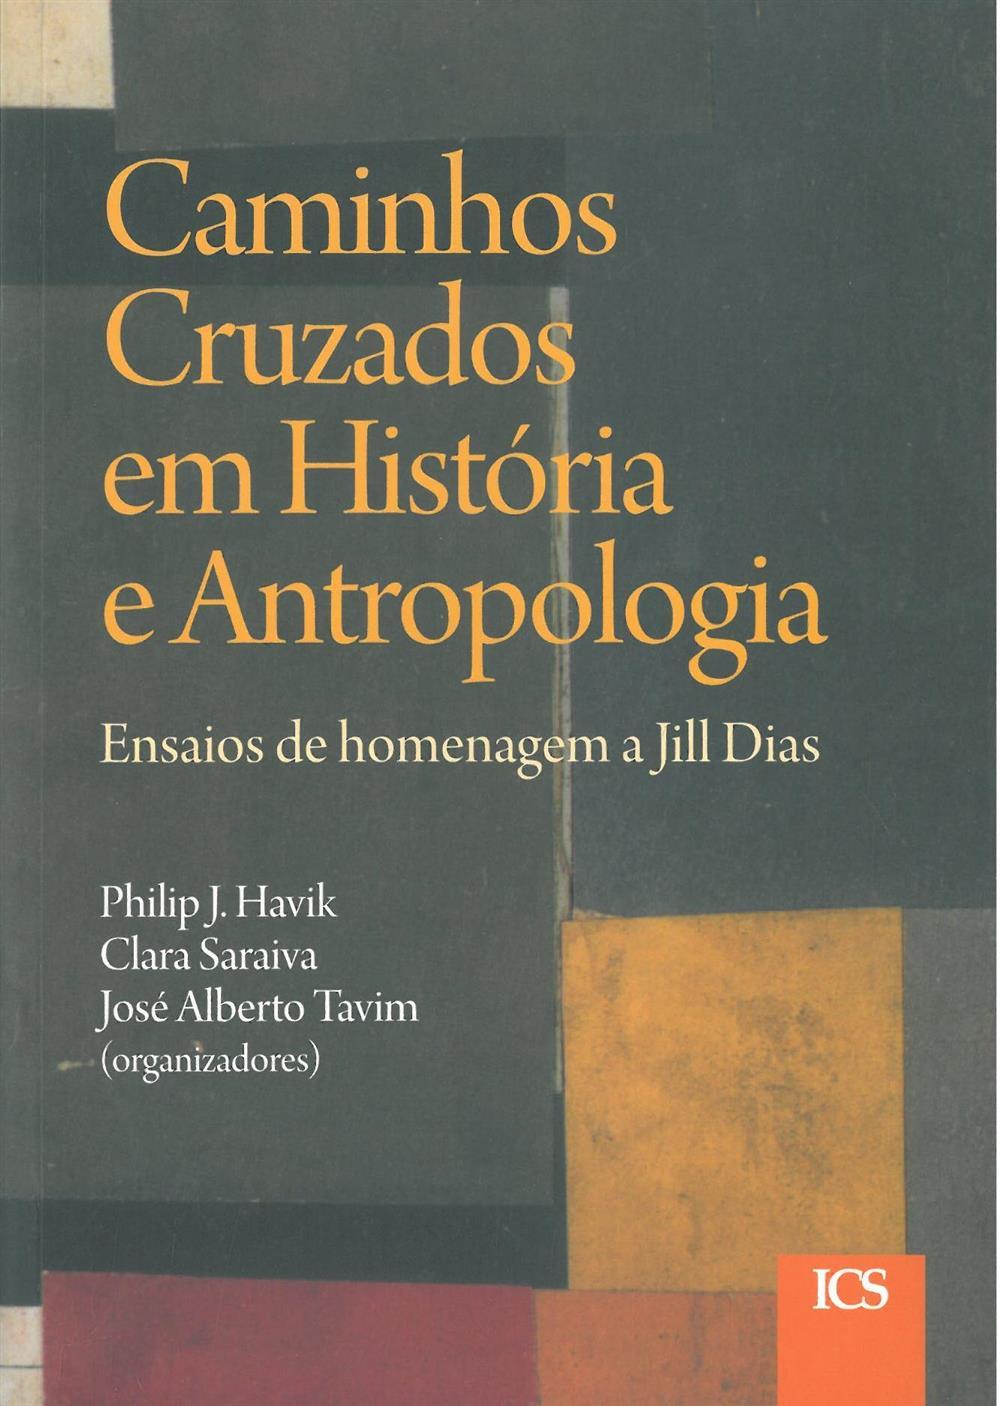 Caminhos cruzados em história e antropologia.jpg